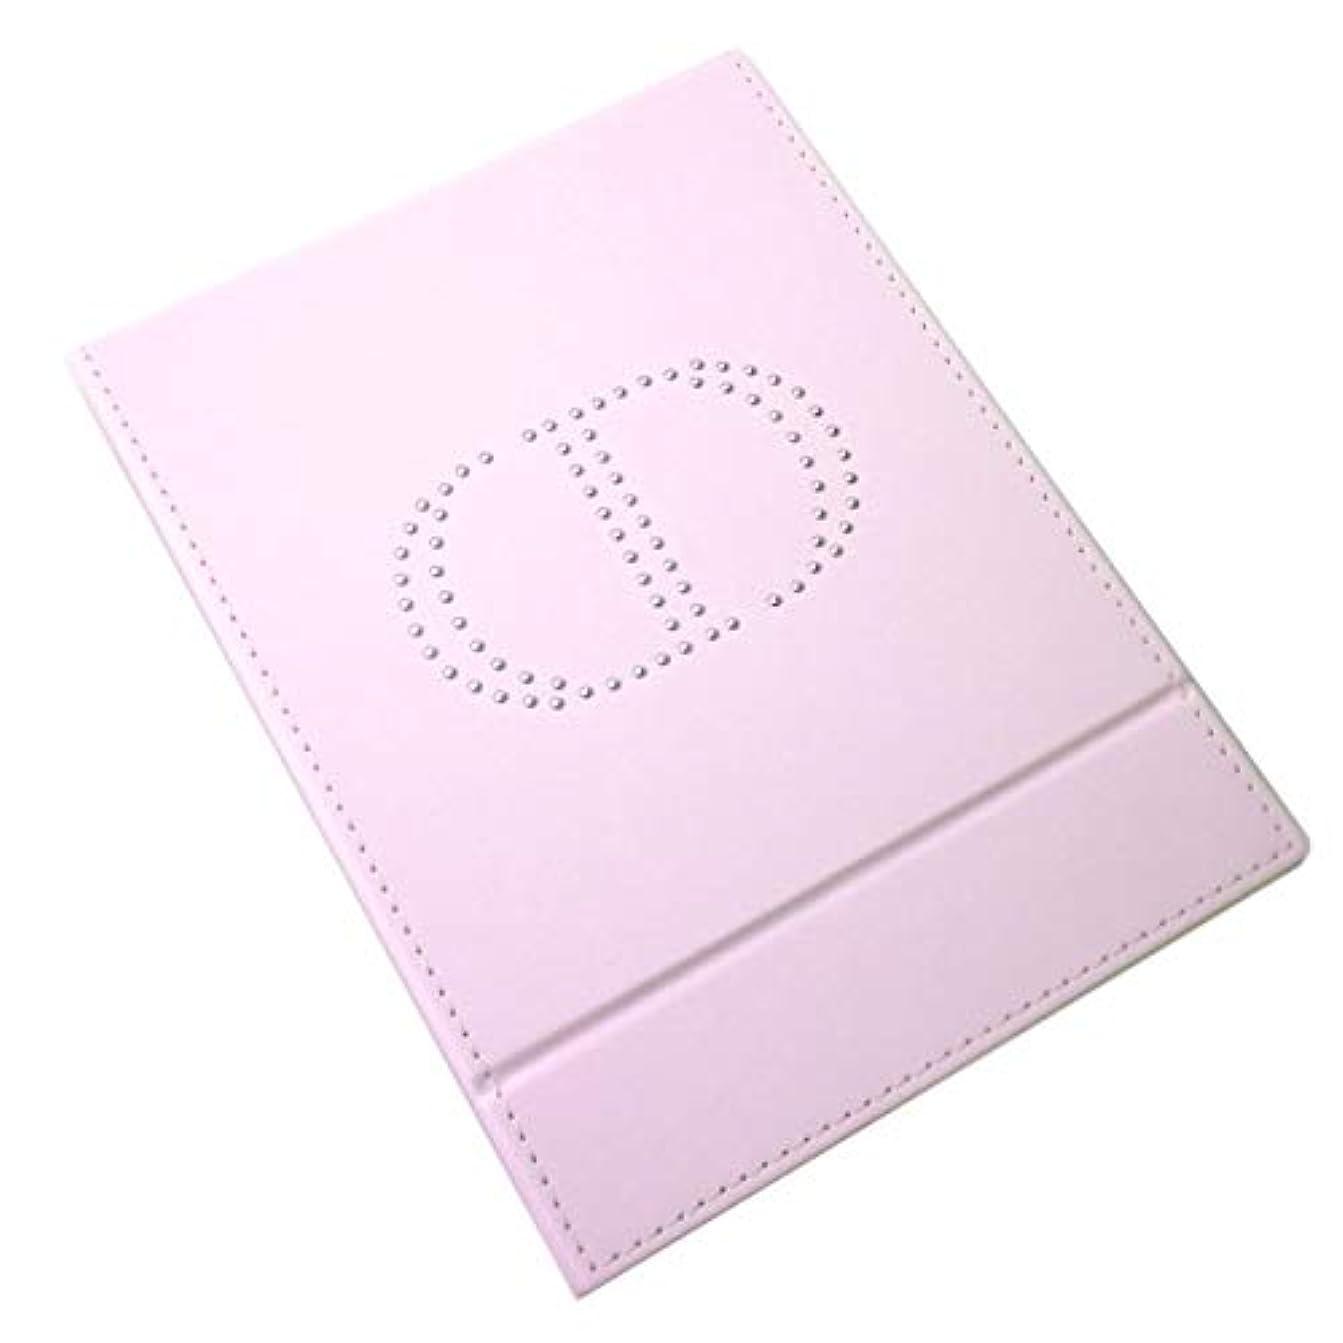 太陽反毒スポンジDior ディオール スタンドミラー ミラー 鏡 ロゴ イブサンローラン 桃 ピンク黒 ブラック 化粧 メイク コスメ (ピンク)